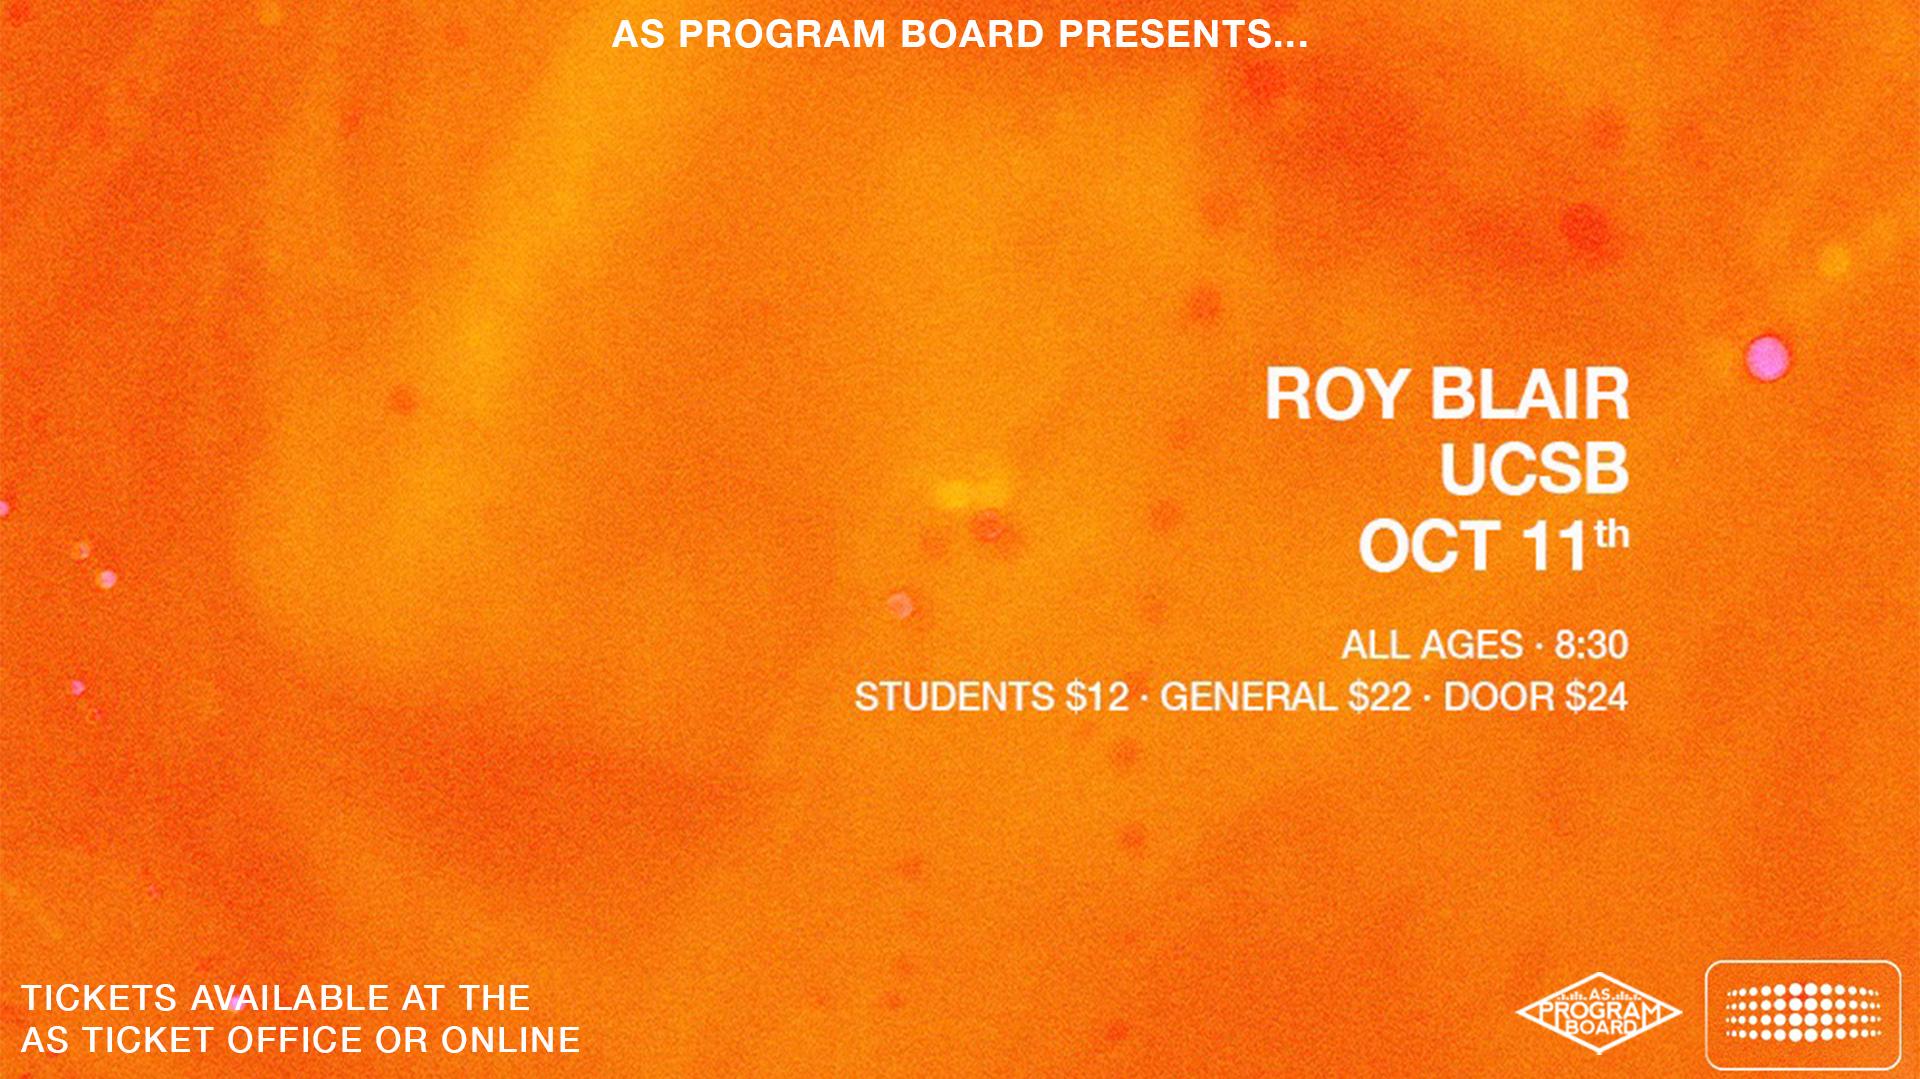 ROY BLAIR IN THE HUB 10/11